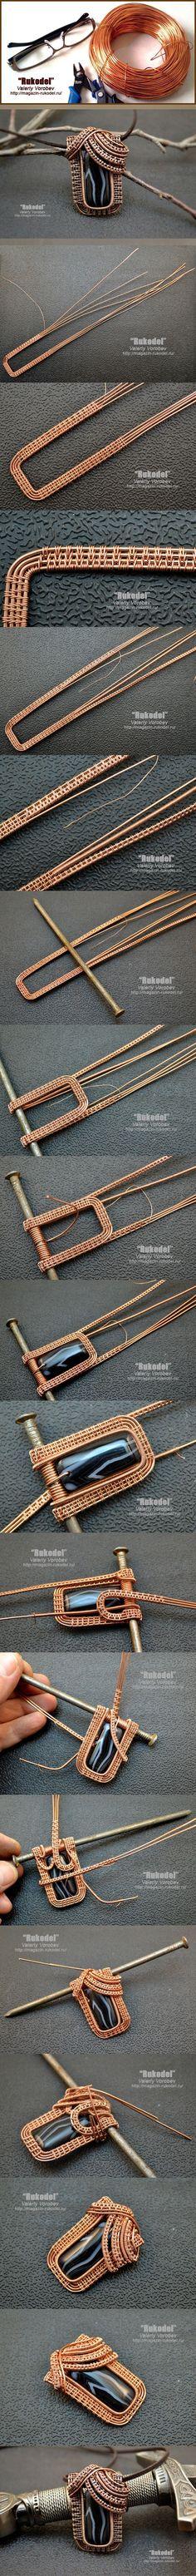 Nicht nur dieses Schmuckstück - auch viele weitere auf dieser Seite bieten faszinierende Einblicke in die Technik des Wire-Work. - silver jewellery rings, ring jewelry, jewelry repair *sponsored https://www.pinterest.com/jewelry_yes/ https://www.pinterest.com/explore/jewellery/ https://www.pinterest.com/jewelry_yes/rose-gold-jewelry/ http://www.zaful.com/jewelry-e_3/